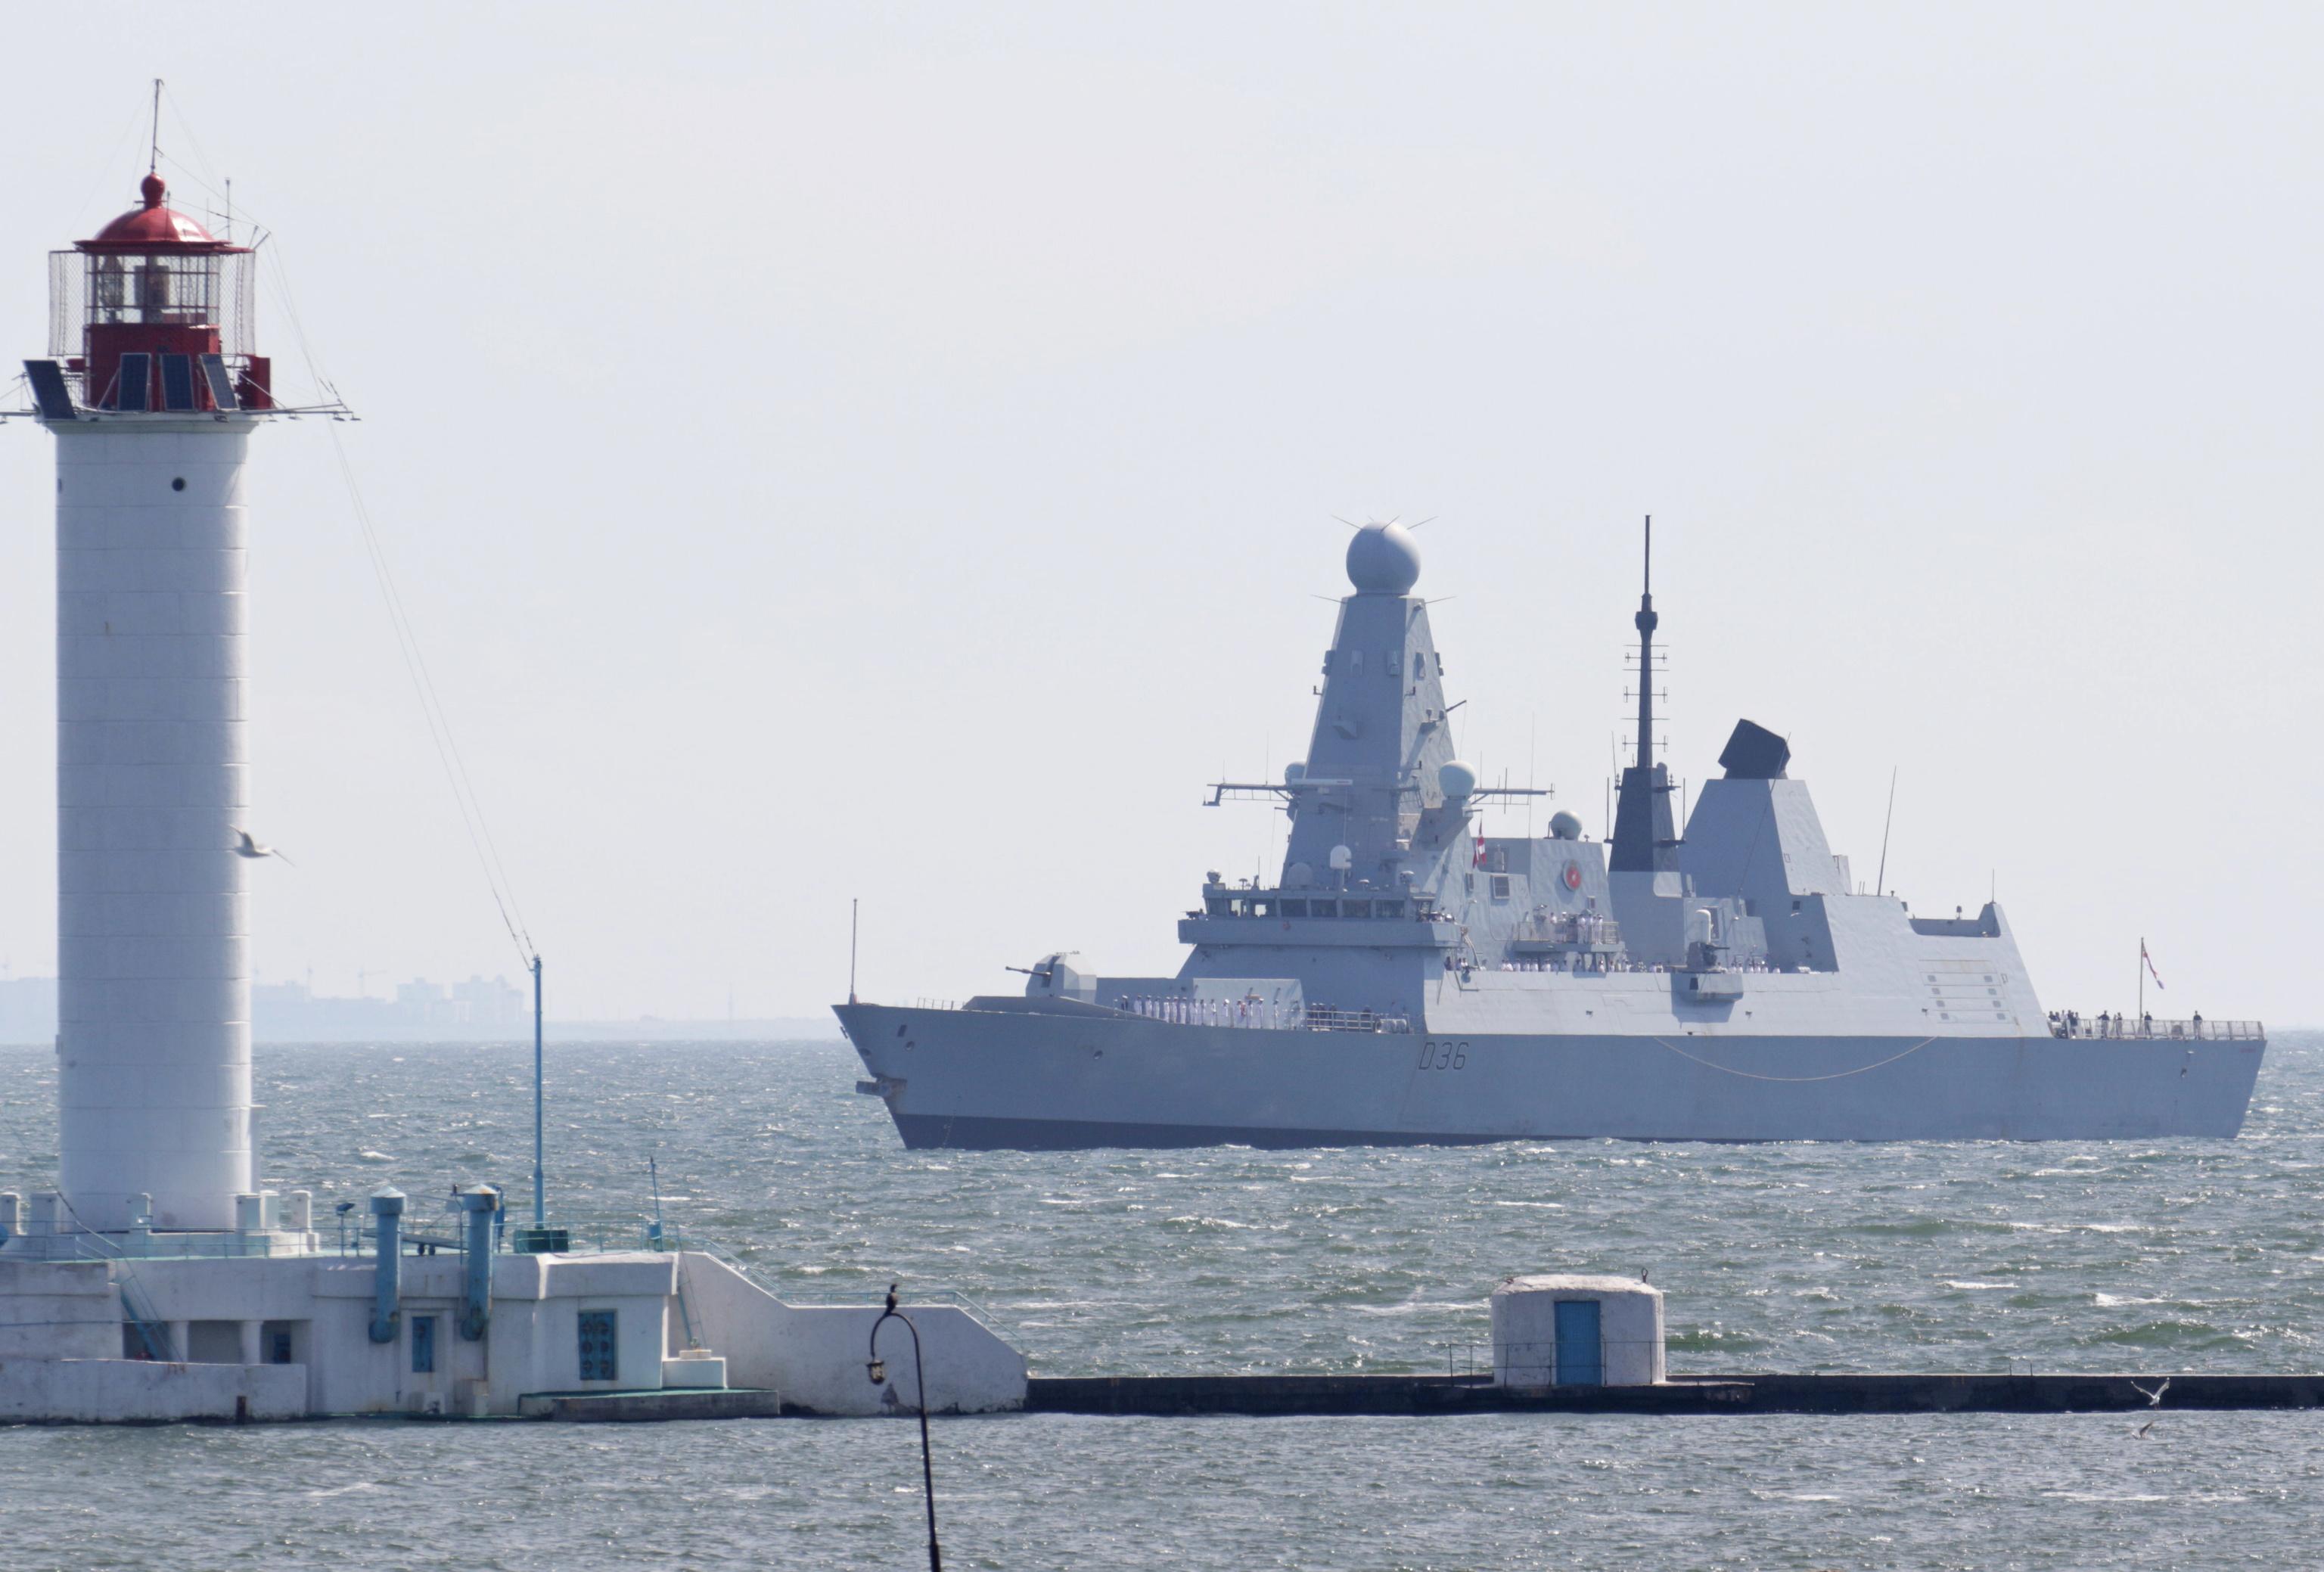 El destructor Royal Navy entra en Ucrania.